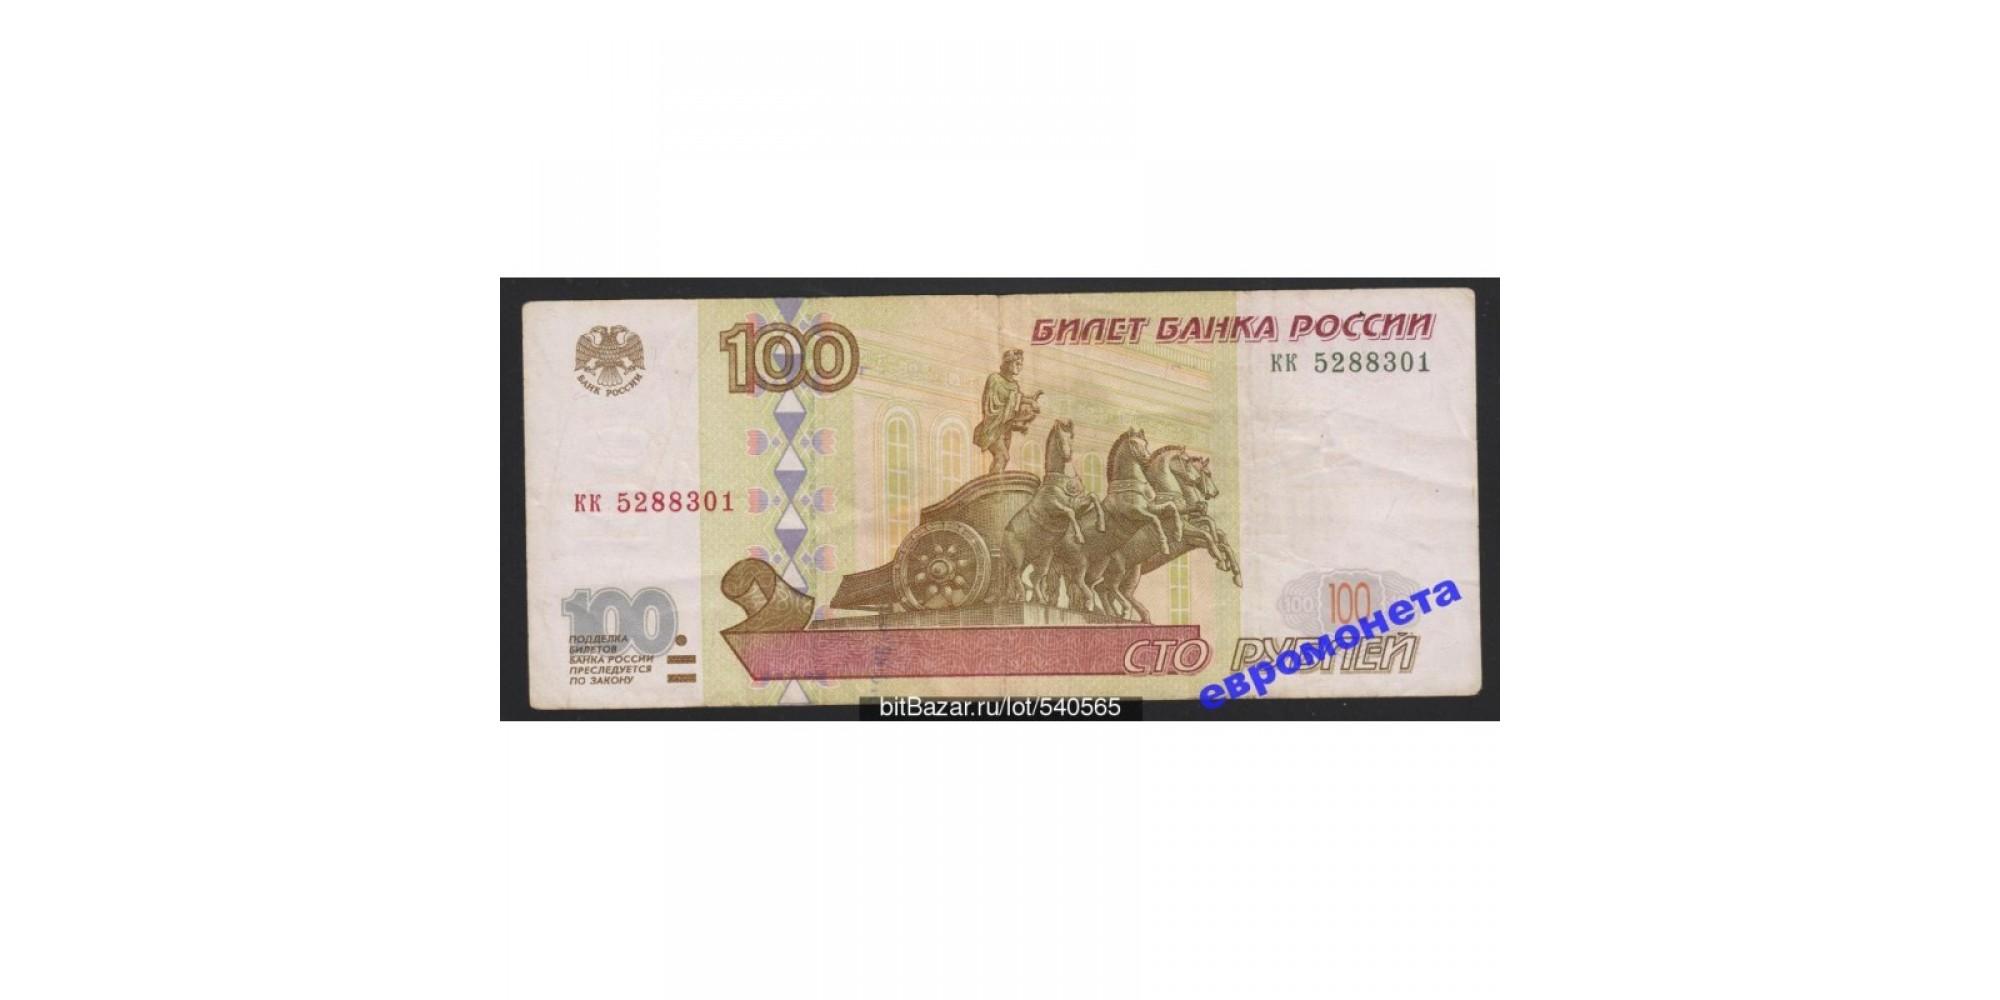 Россия 100 рублей 1997 год без модификации серия кк 5288301